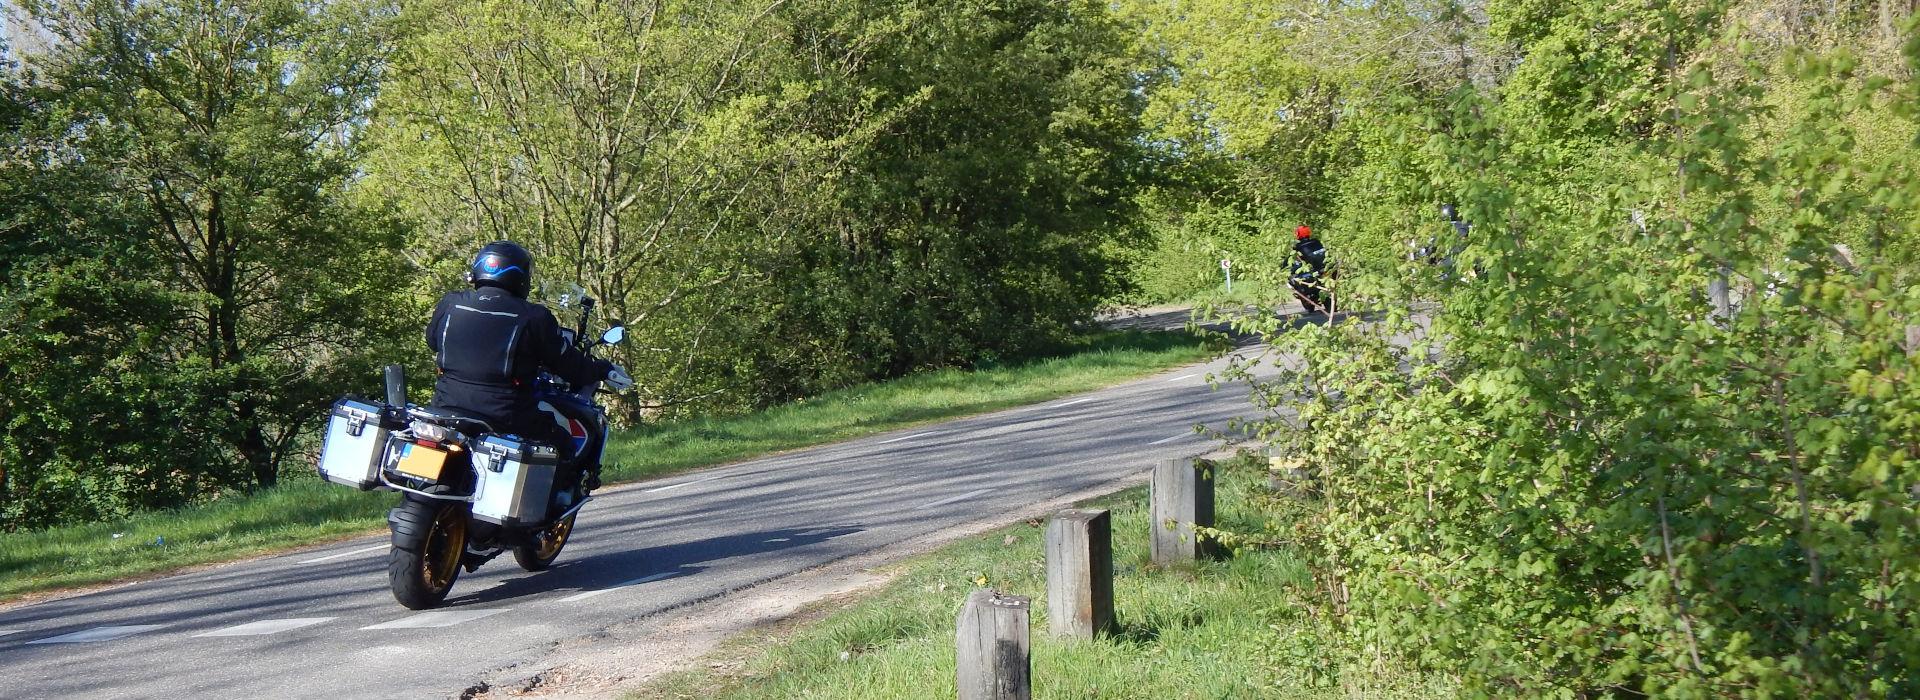 Motorrijbewijspoint Broekhuizenvorst spoedcursus motorrijbewijs